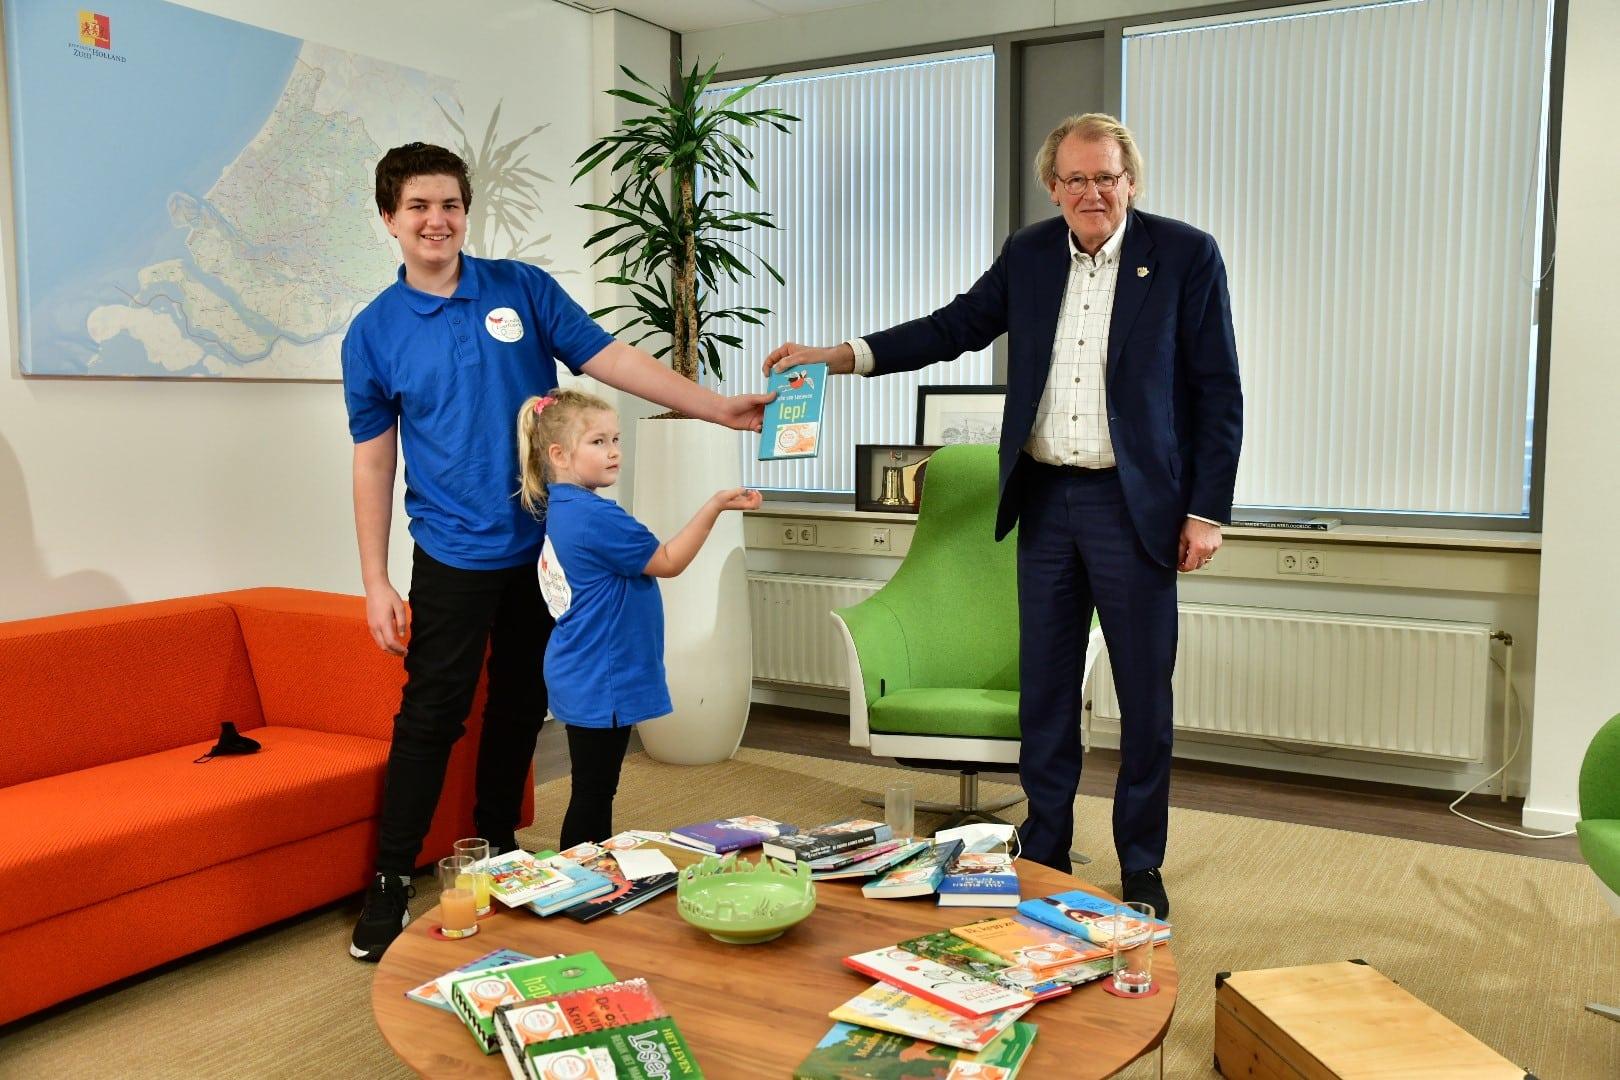 Commissaris Jaap Smit steunt actie kinderzwerfboeken